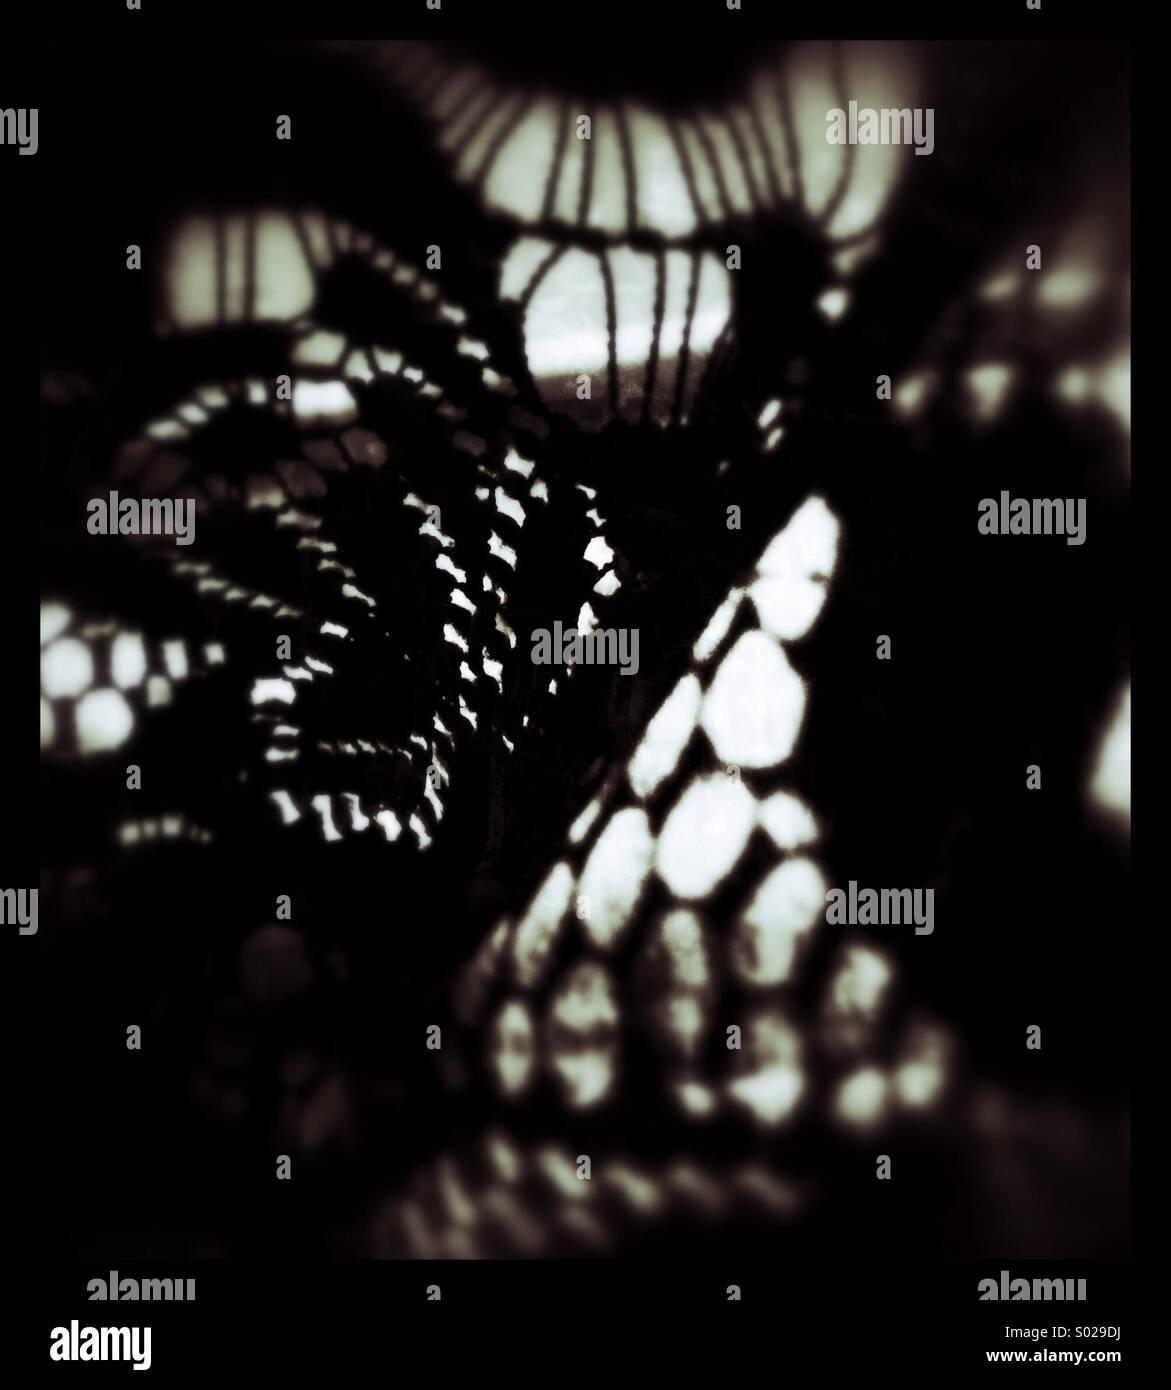 Abstracto negro Imagen De Stock